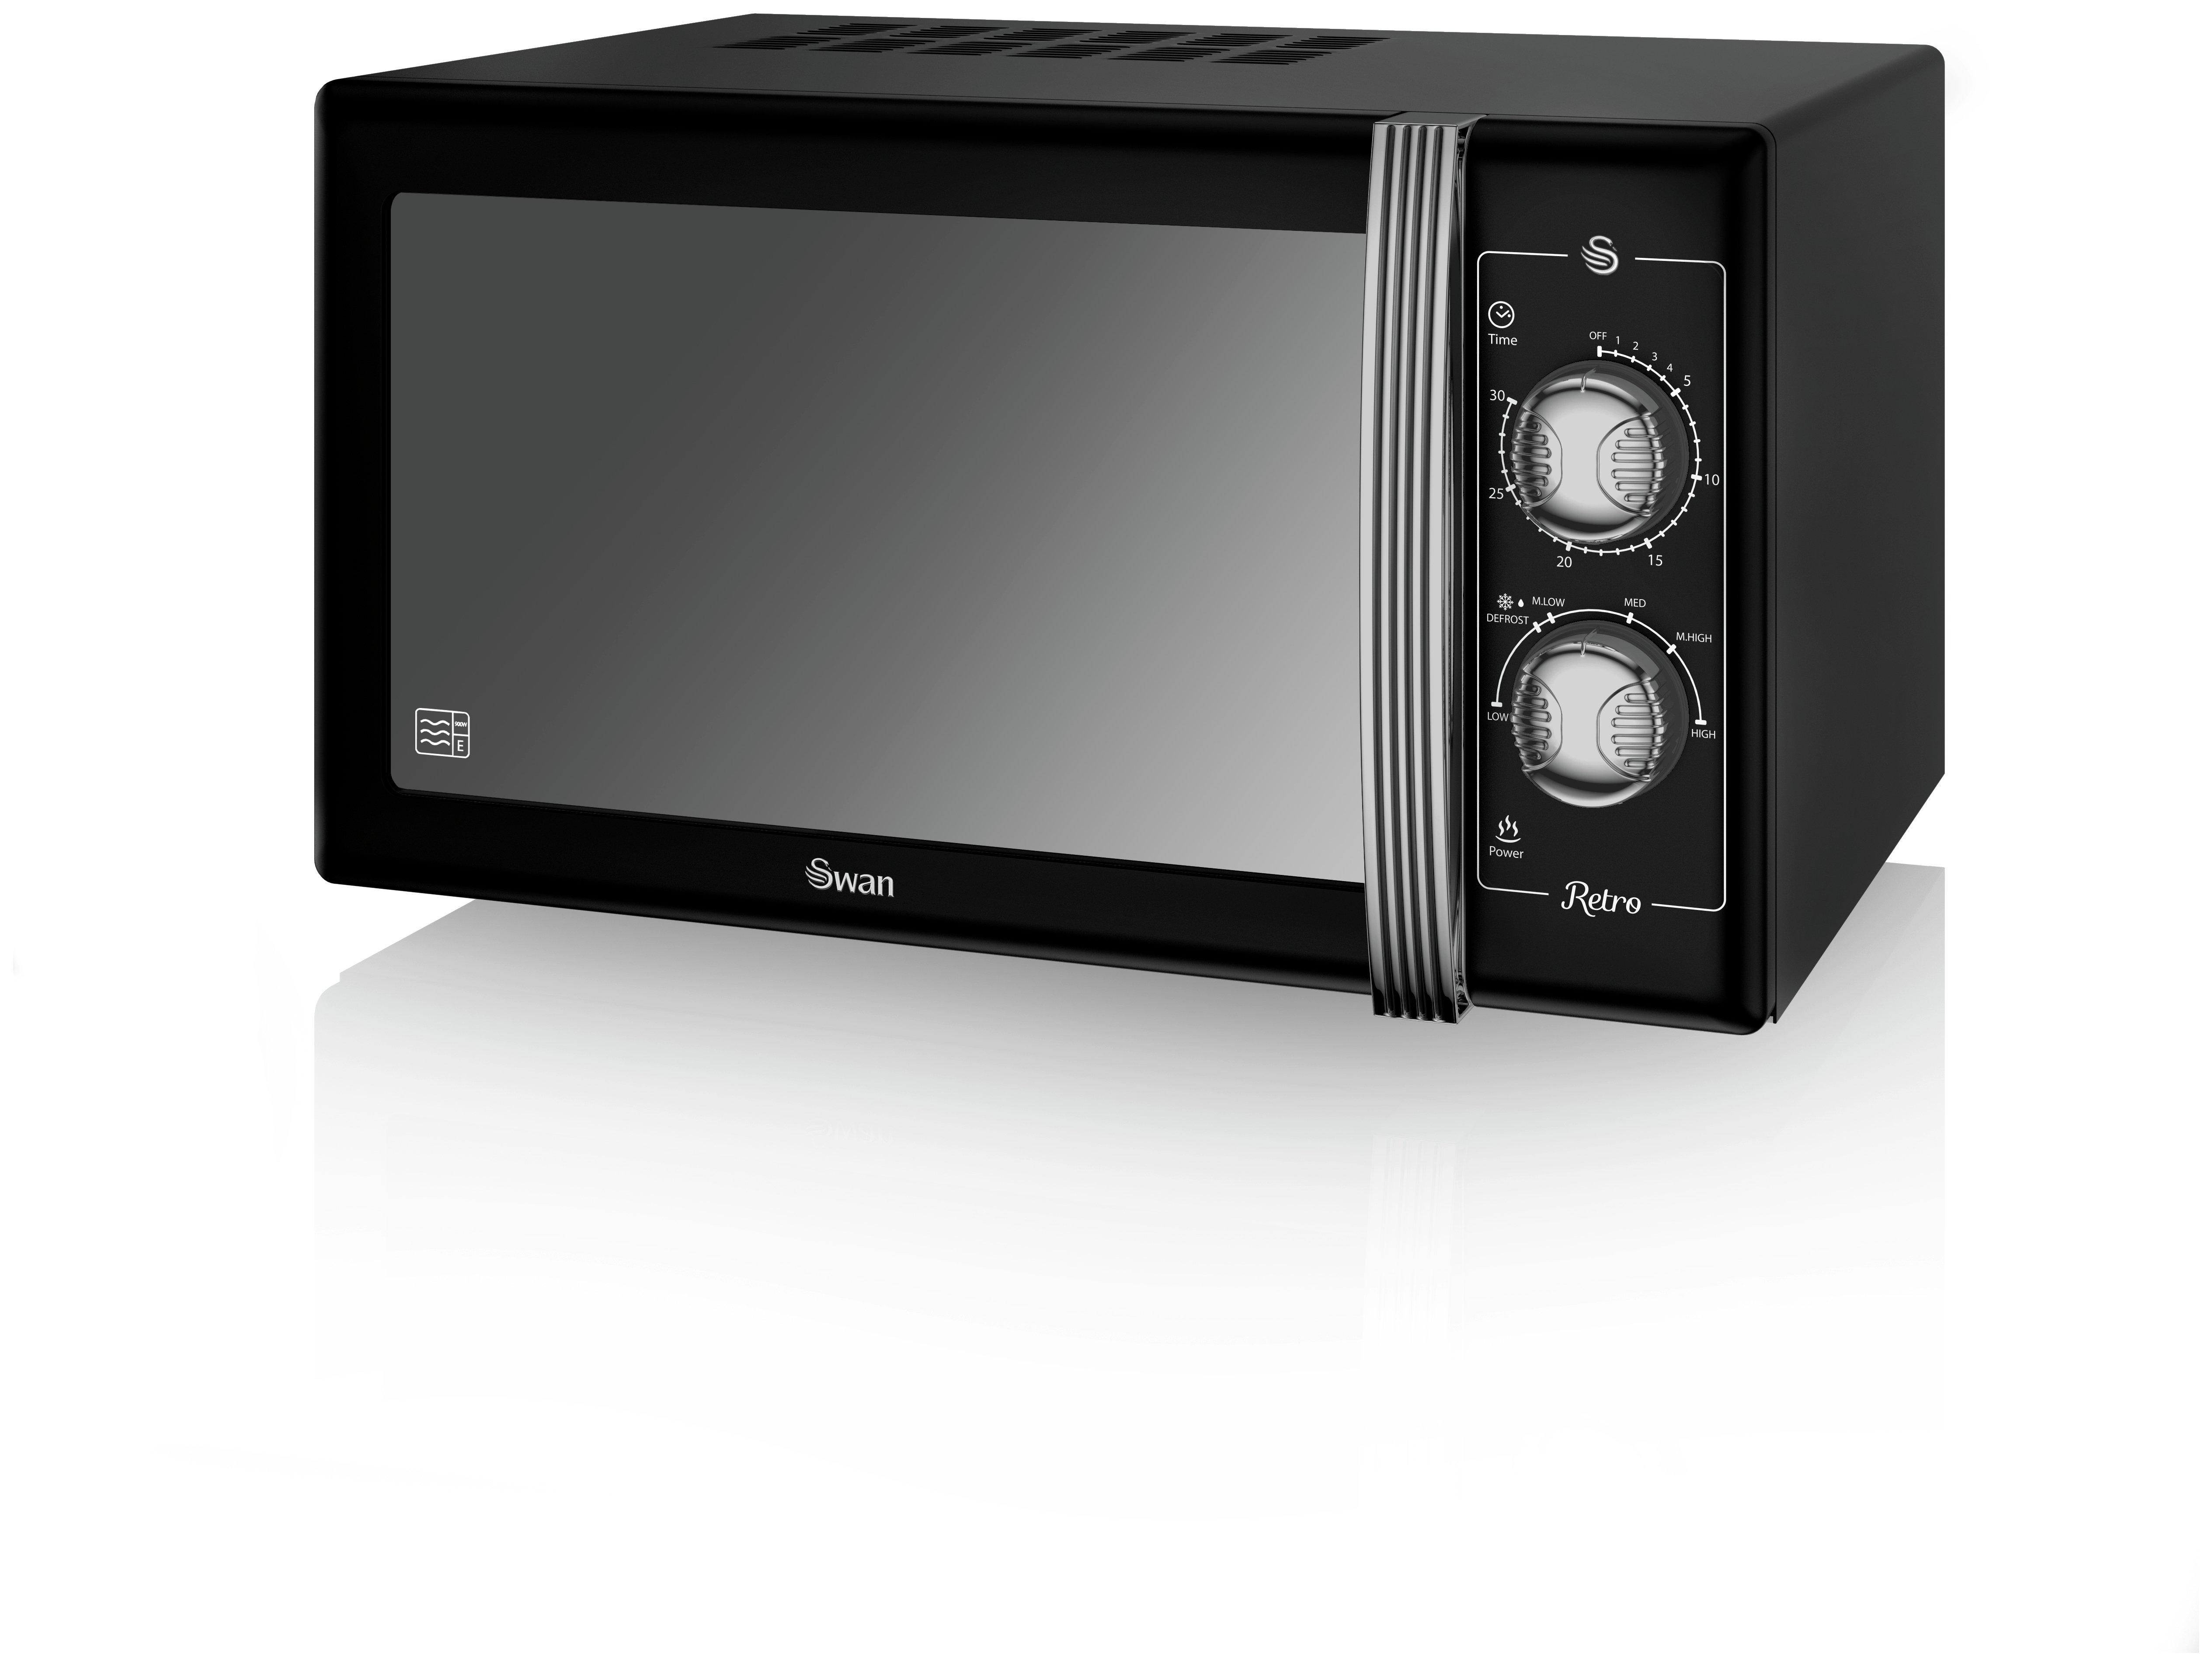 Swan - Standard Microwave -SM22070 -Black